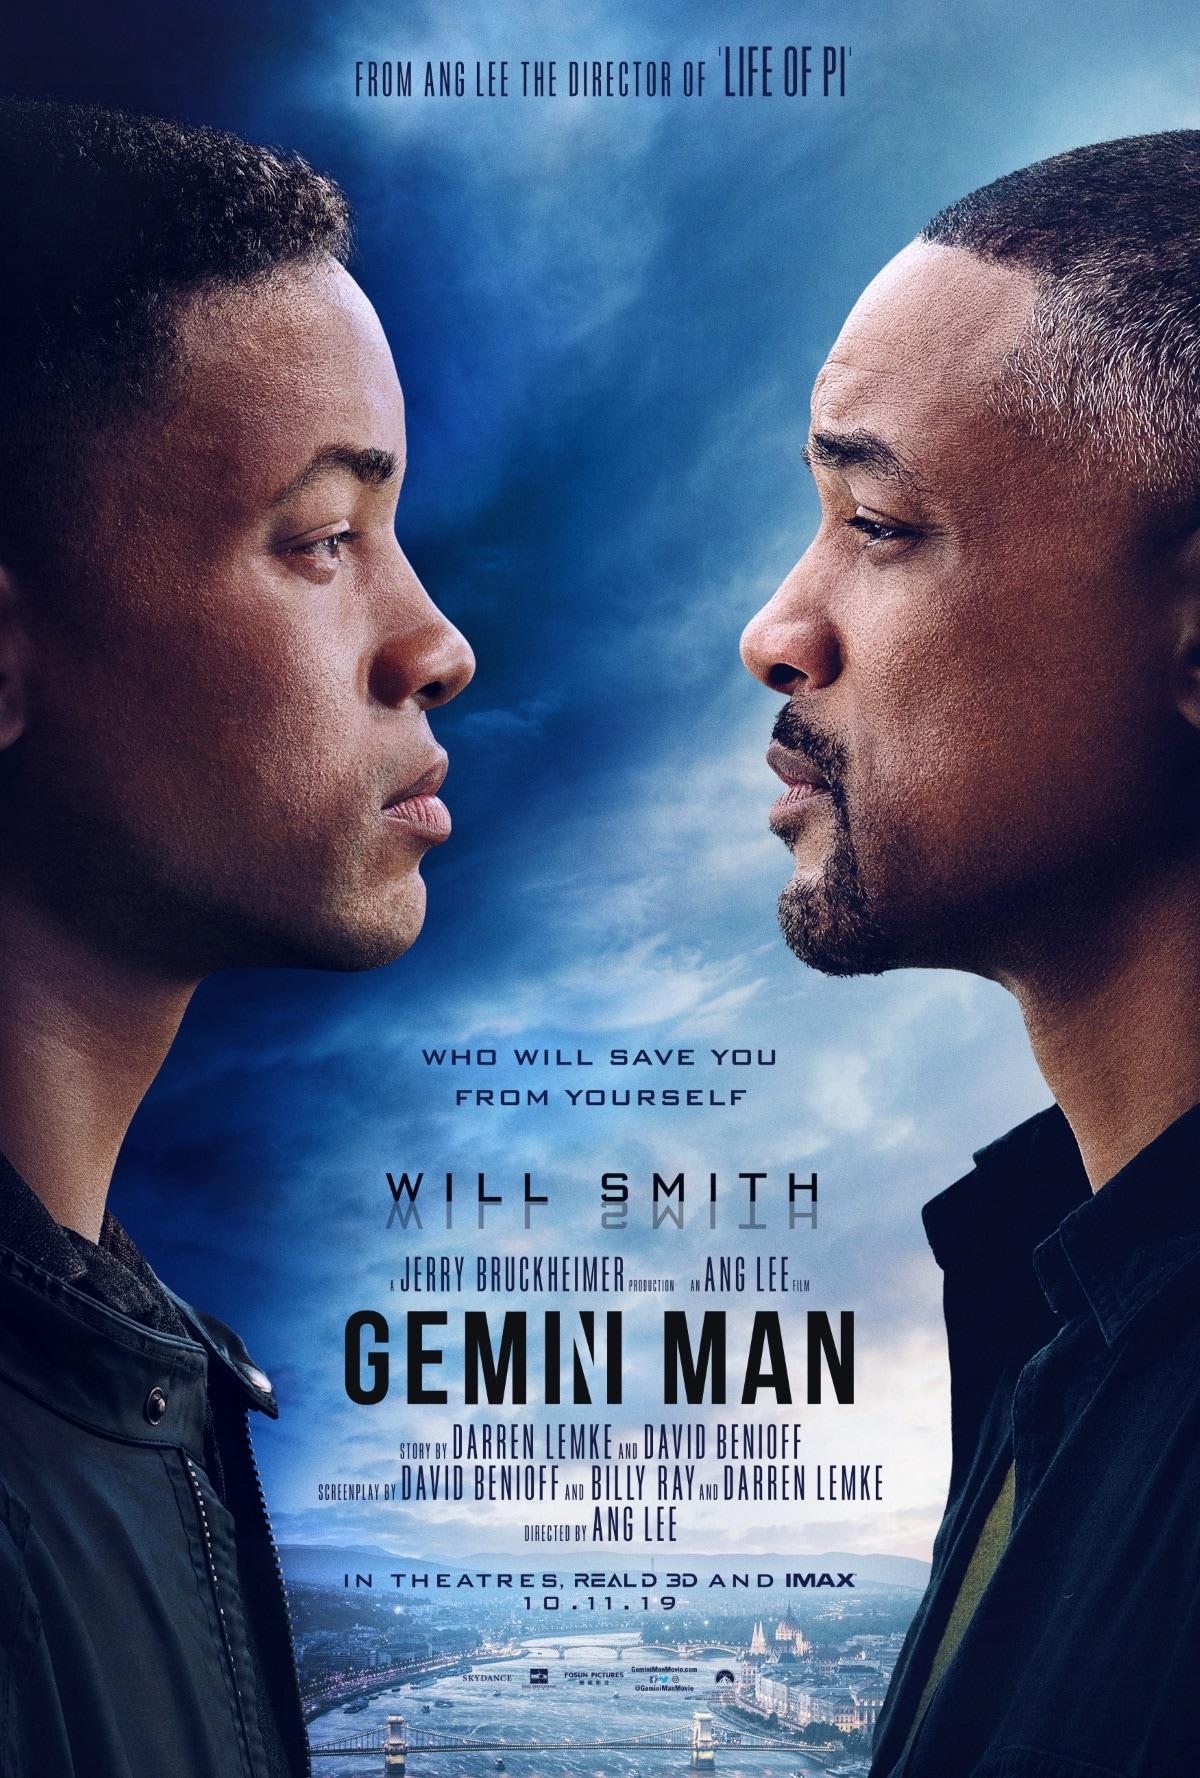 gemini man poster Gemini Man poster